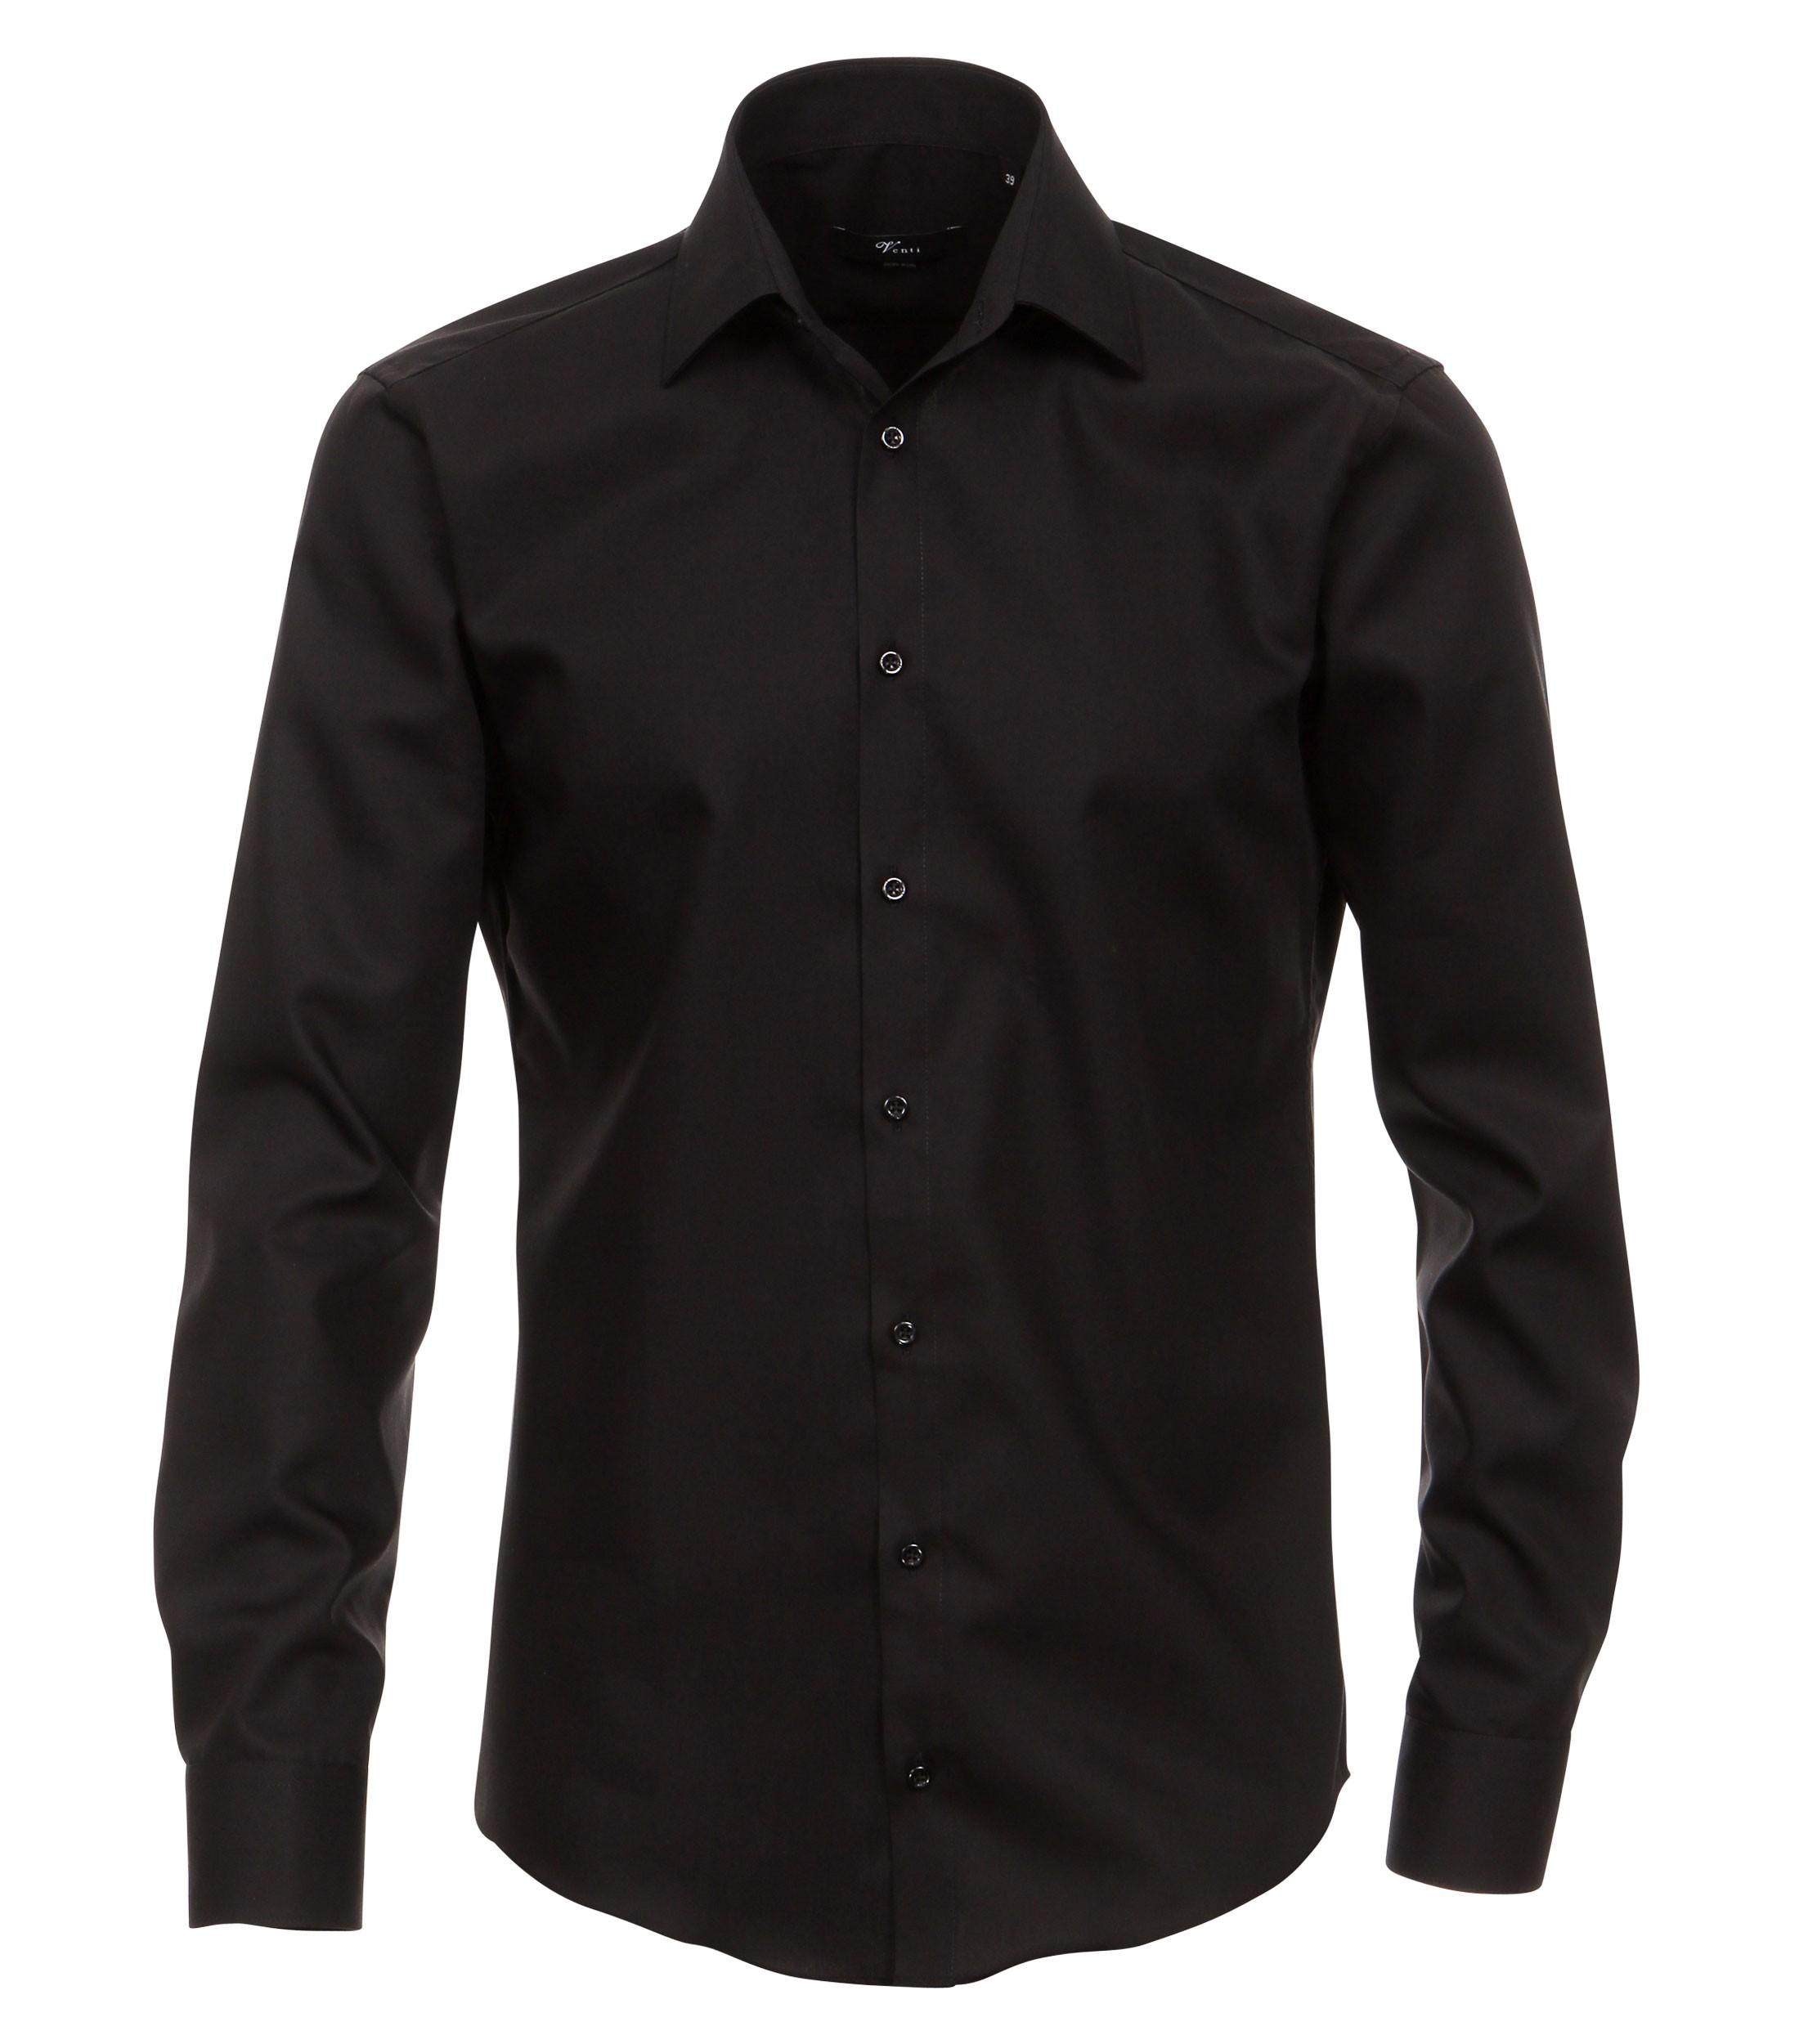 extra langer arm 72 cm hemd venti modern fit schwarz. Black Bedroom Furniture Sets. Home Design Ideas